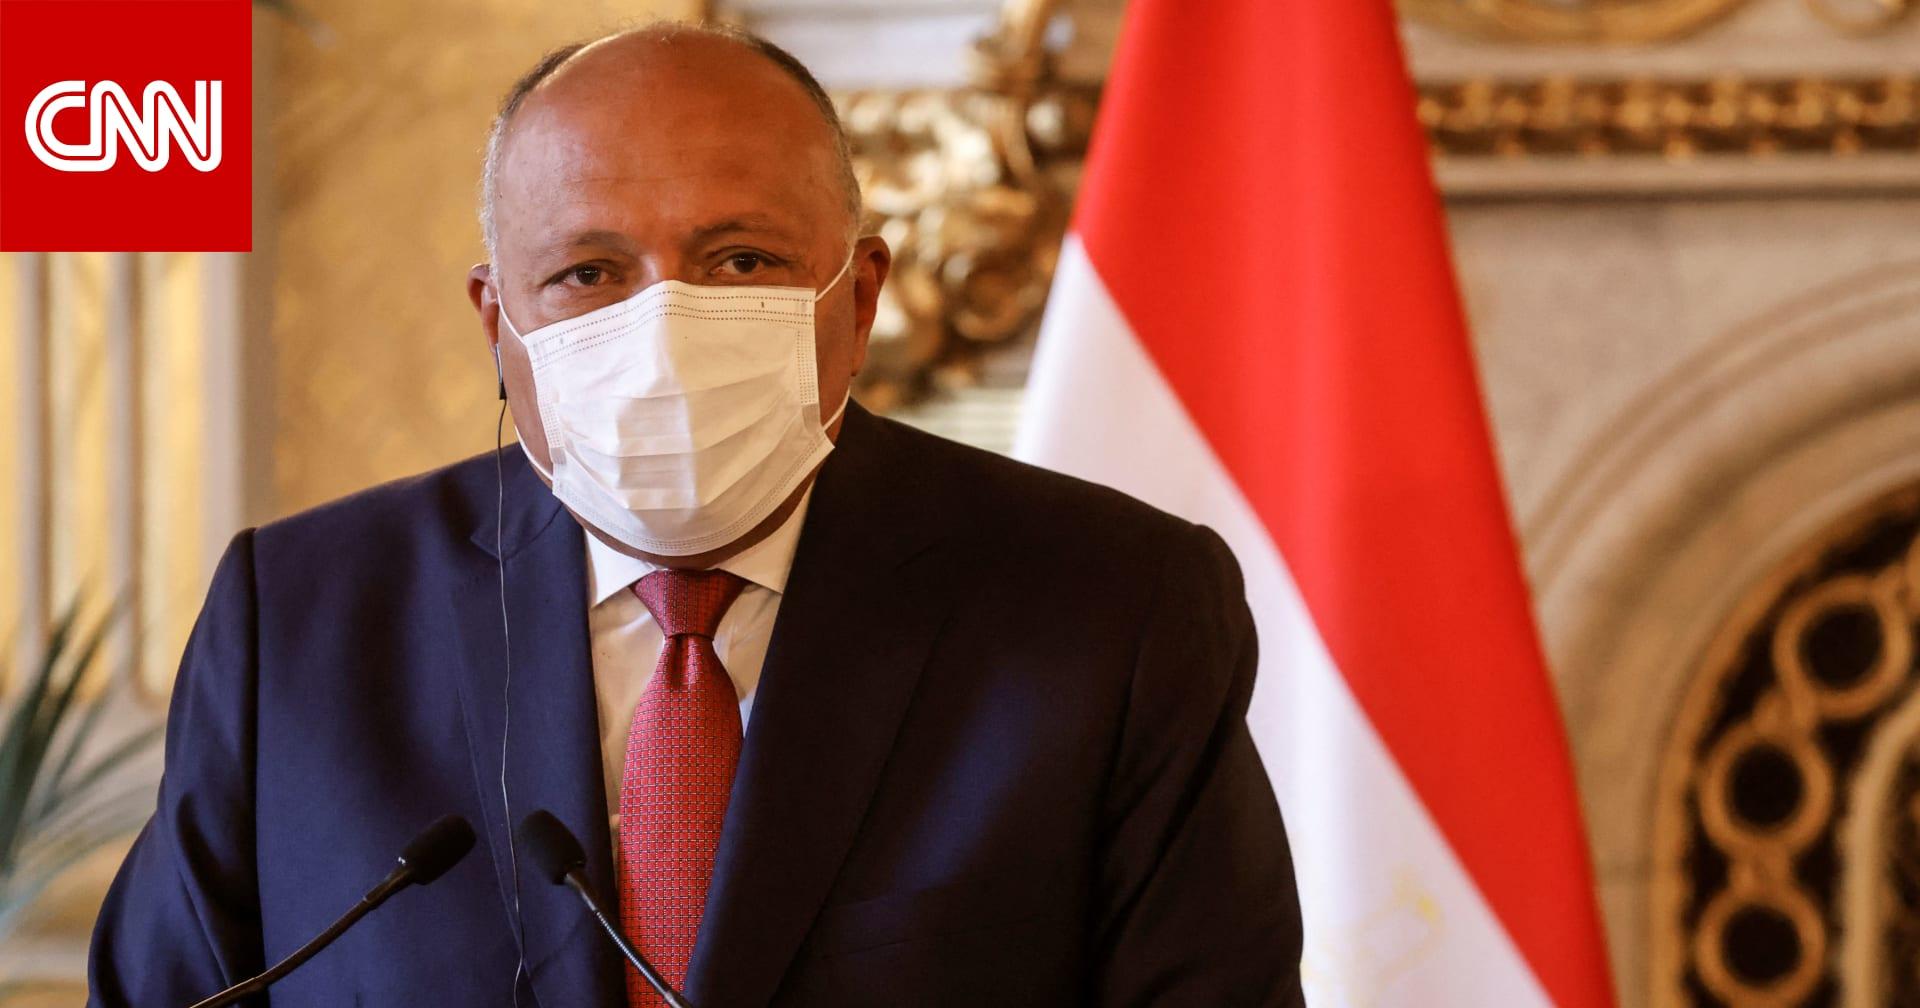 """وزير الخارجية المصري يوضح تطورات العلاقات مع قطر وتنفيذ """"بيان العُلا"""": الدوحة نفذت بعض التزاماتها"""